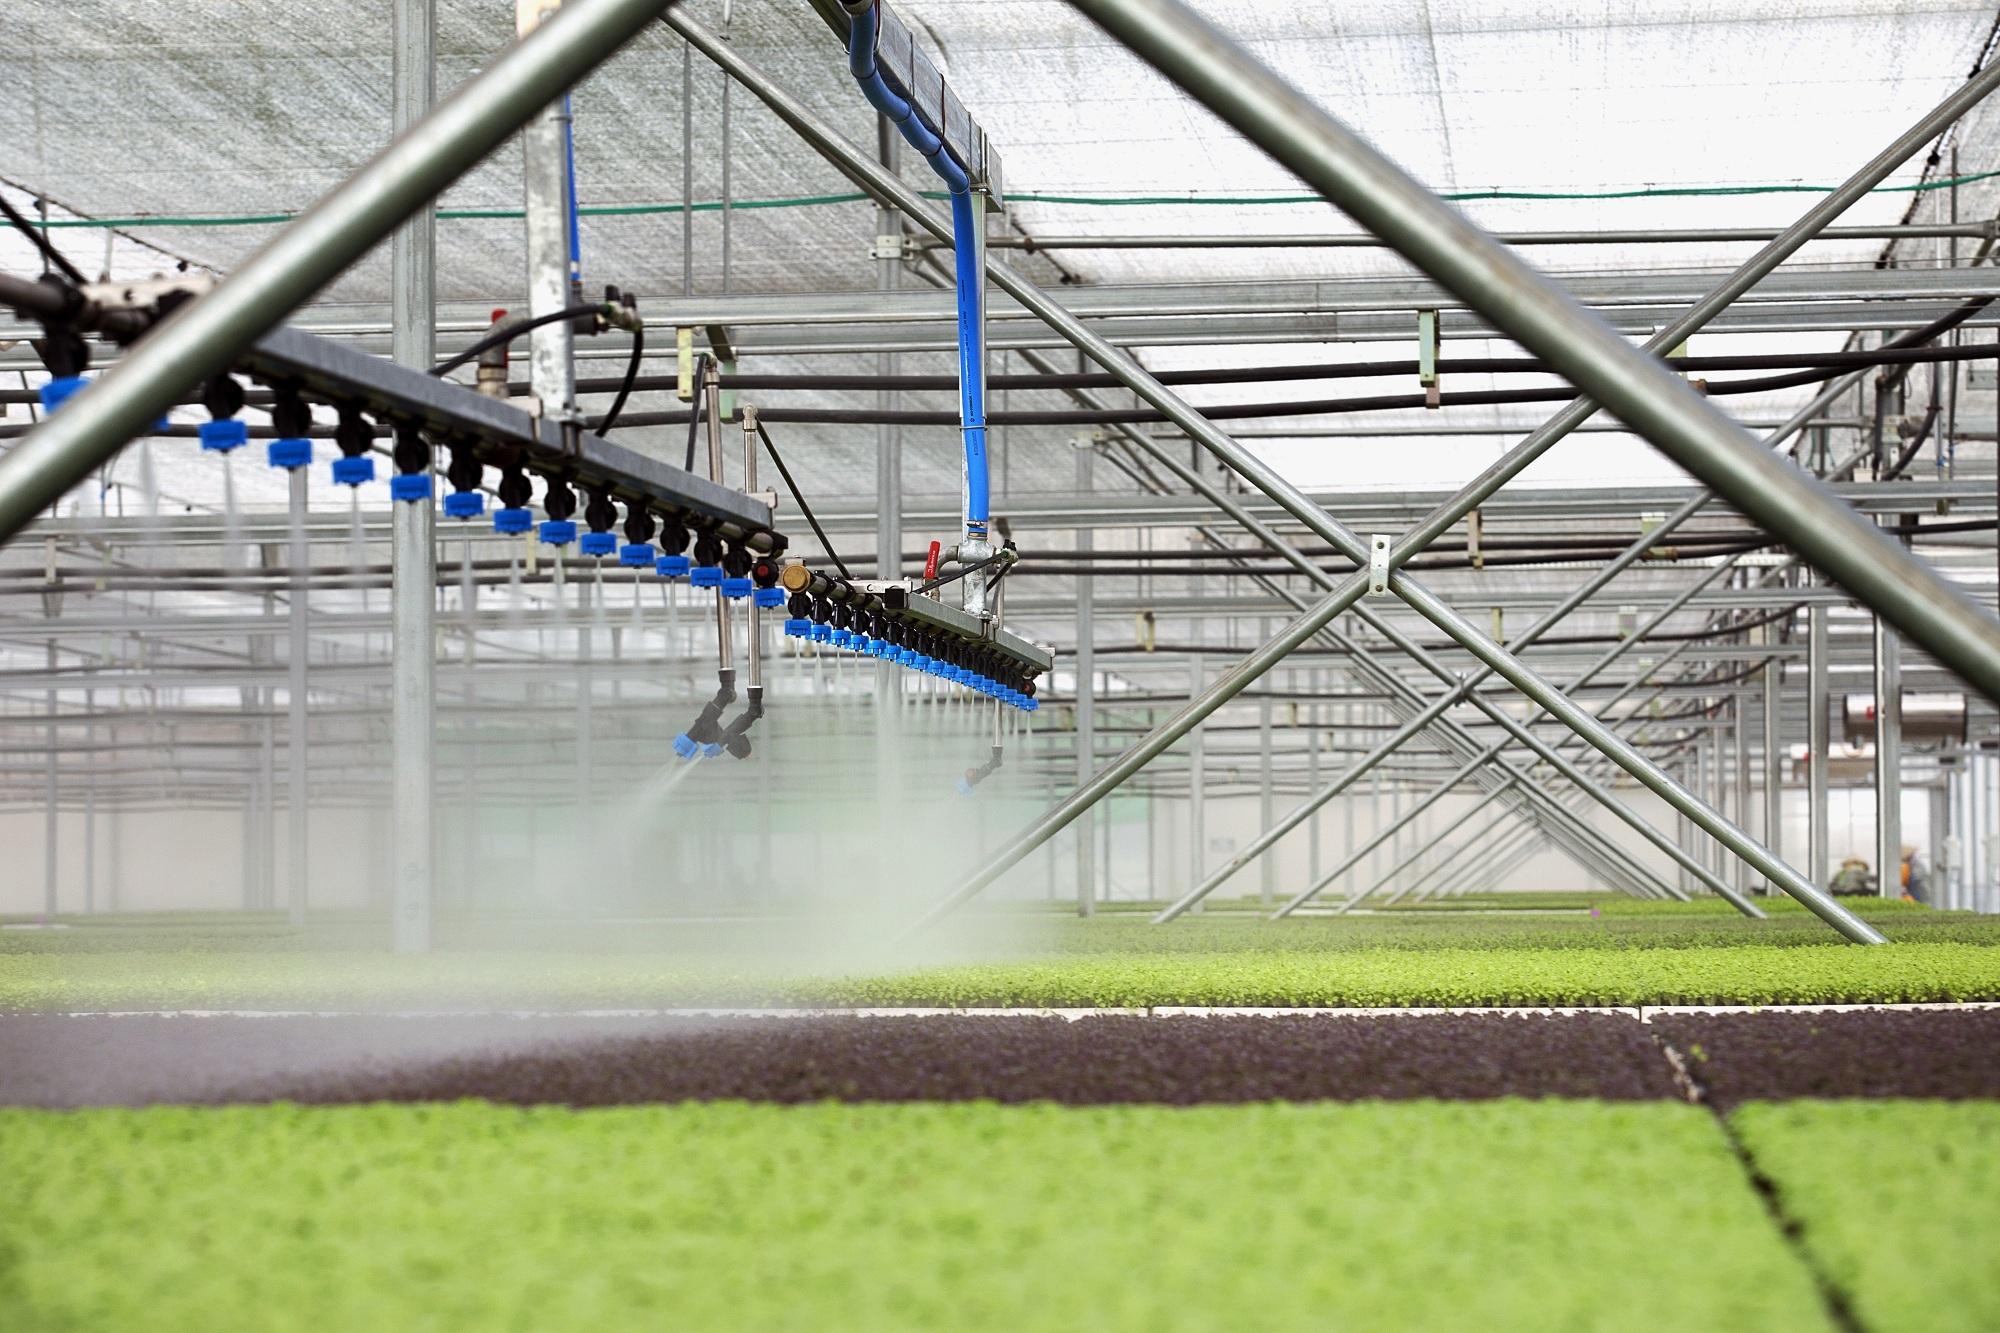 """Công nghệ rau mầm microgreen được thiết kế theo dây chuyền tự động khép kín, cho phép sản phẩm """"siêu sạch"""", được xem như nguồn rau thực phẩm chức năng cho sức khoẻ"""